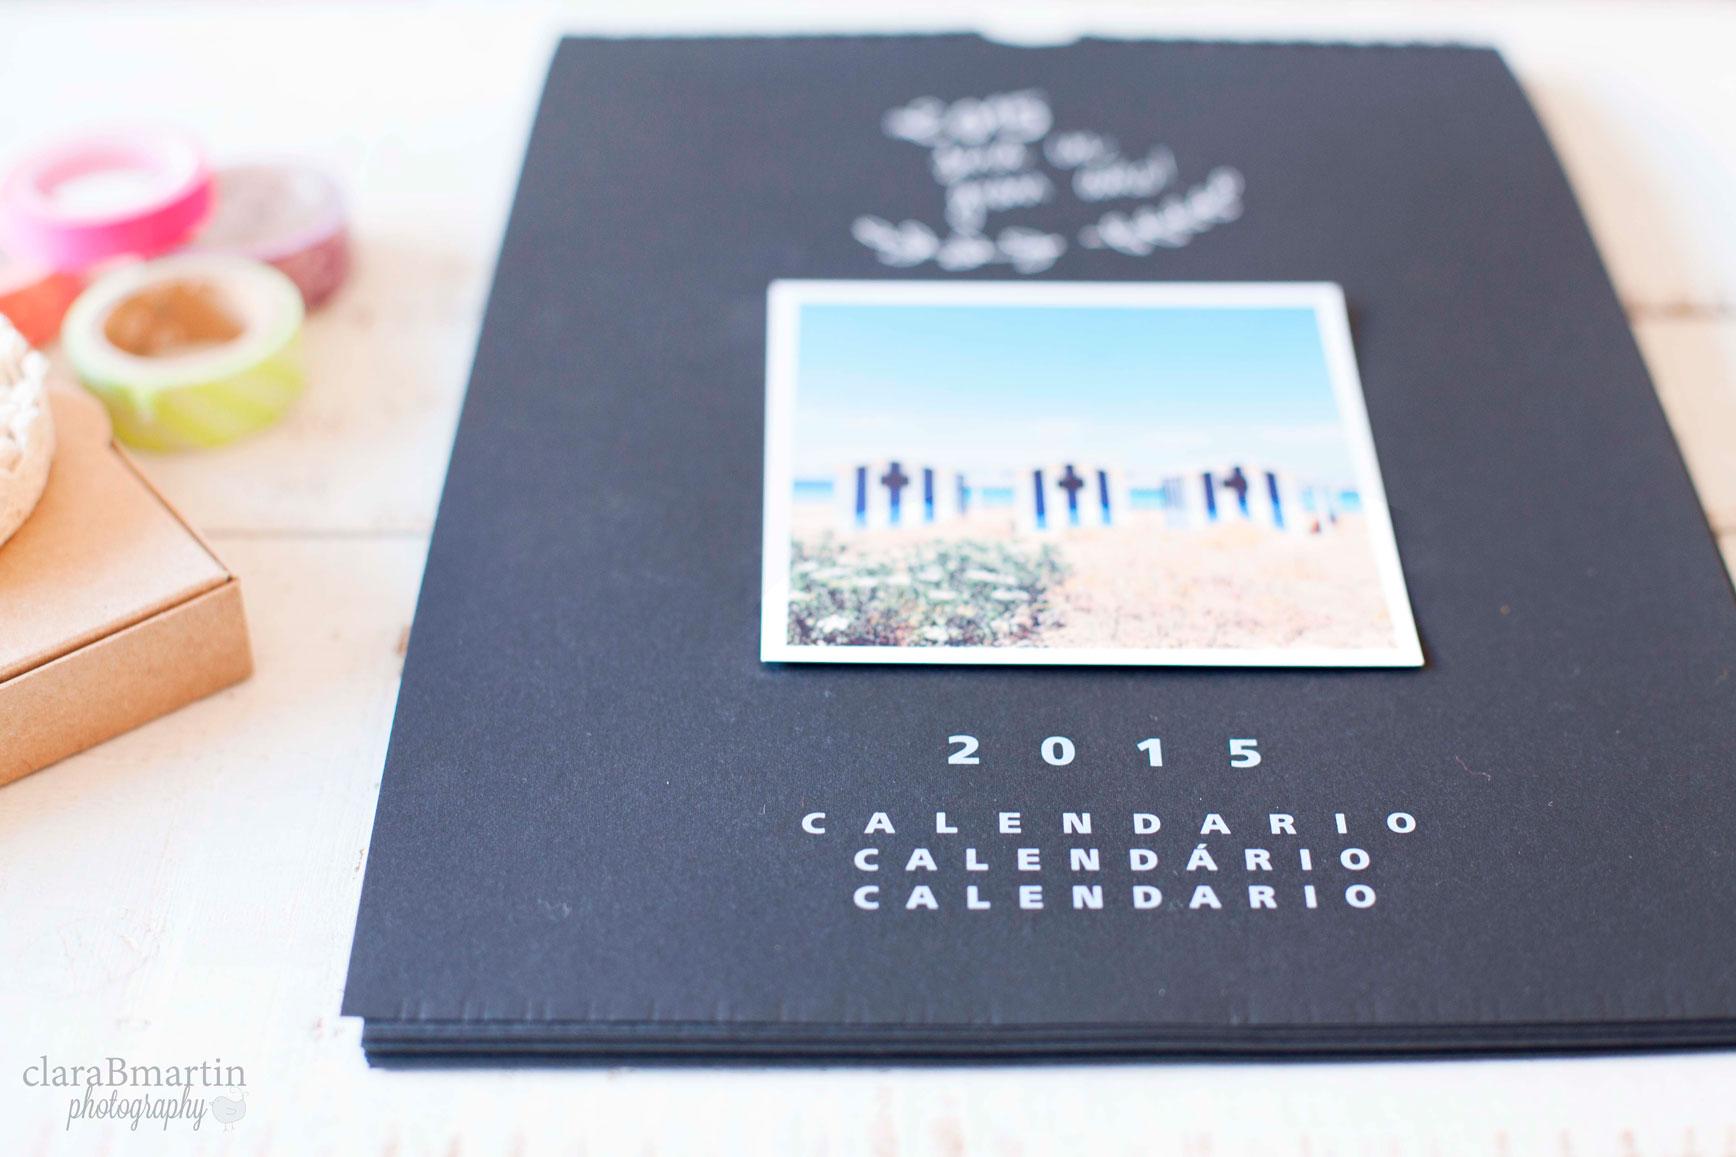 Calendario-DIY_claraBmartin14